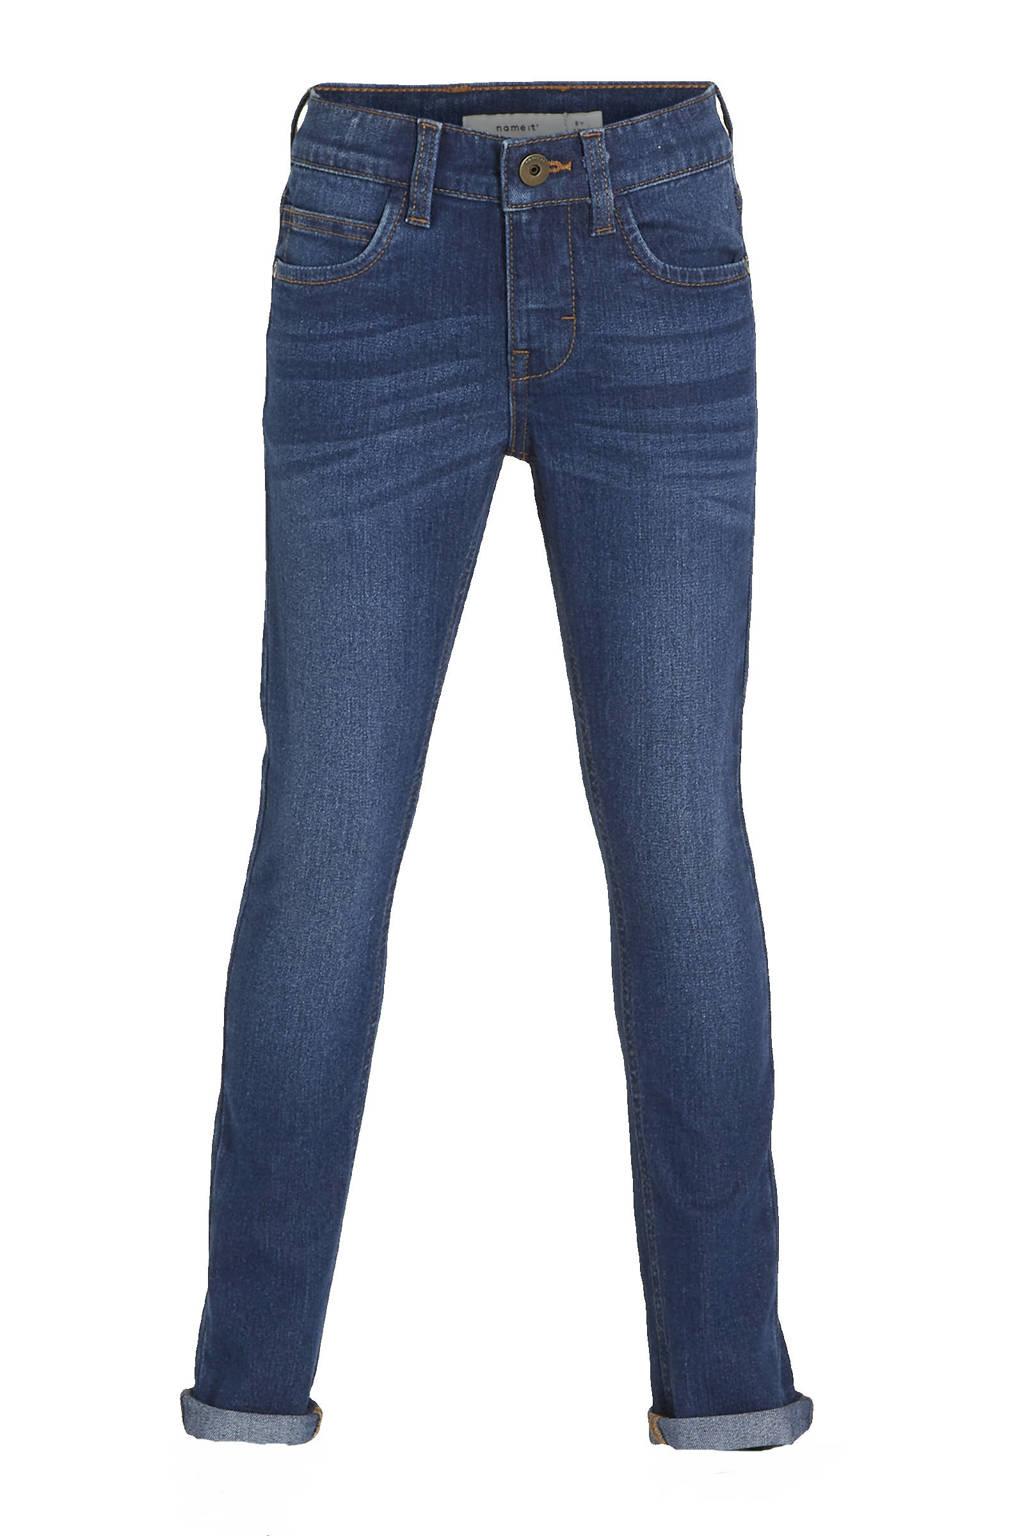 NAME IT KIDS skinny jeans NKMPETE dark denim, Dark denim